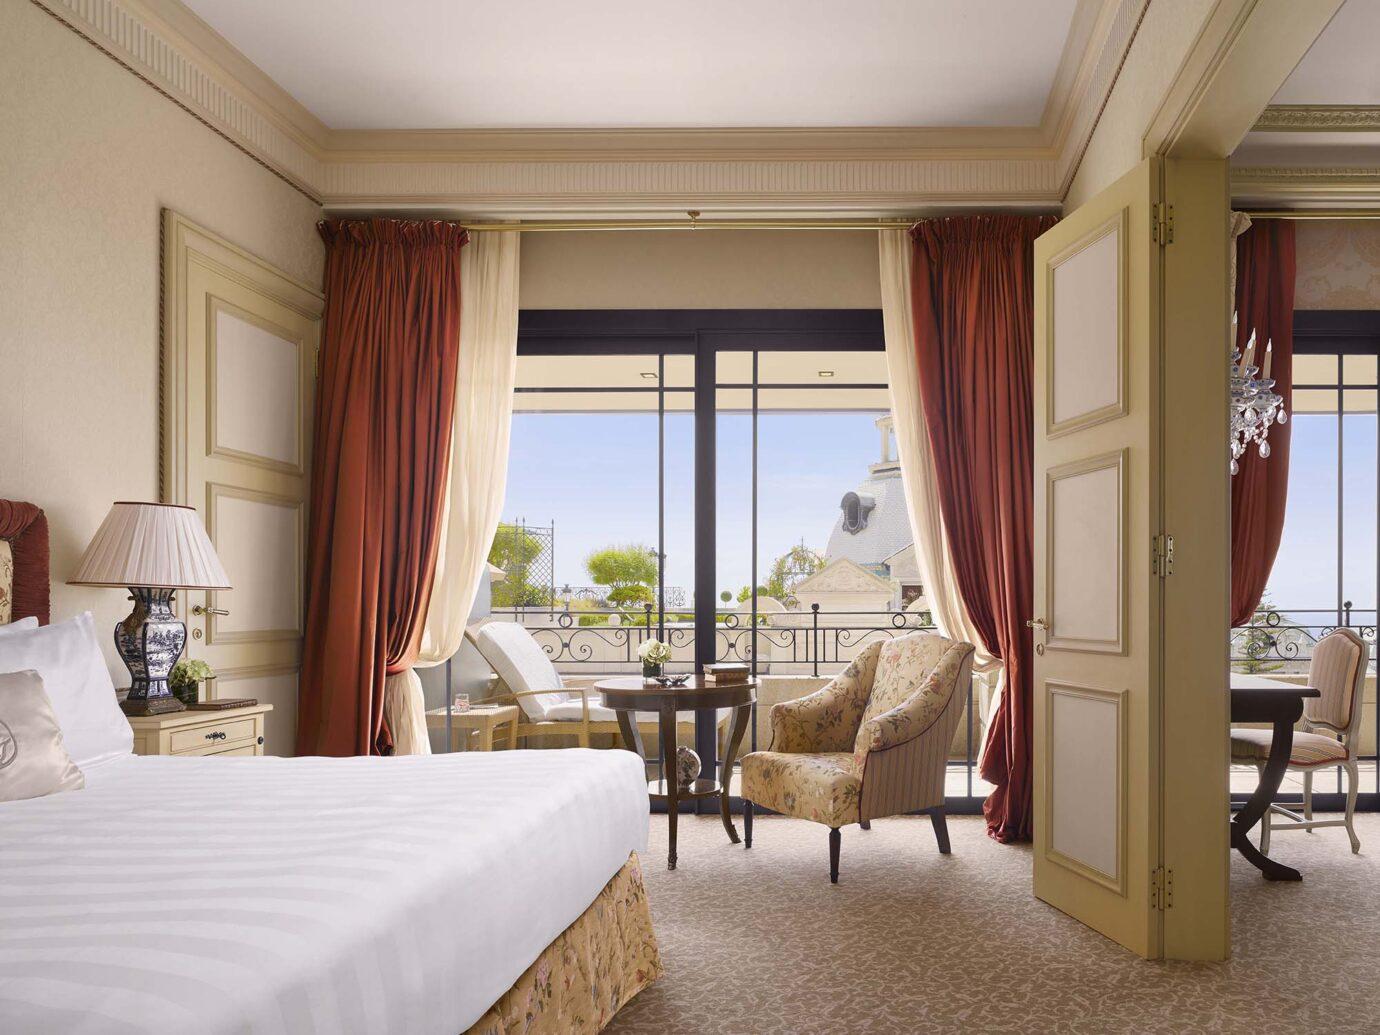 Bedroom at Exterior of Hotel Metropole in Monoco